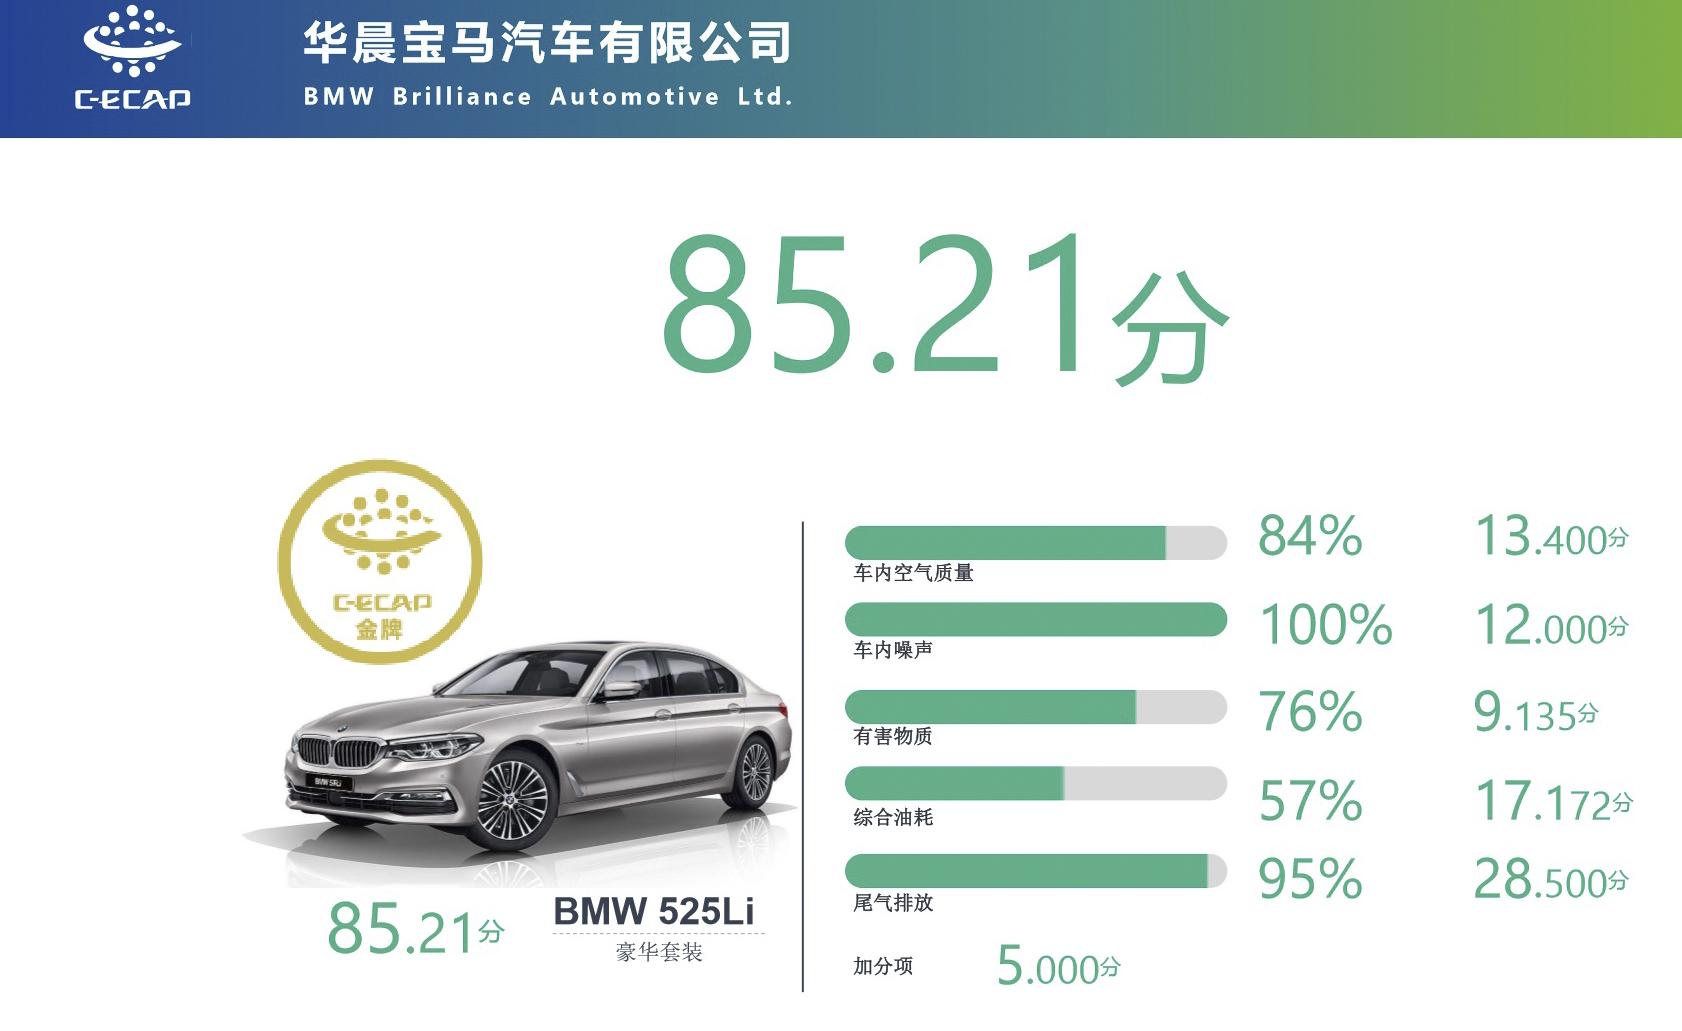 BMW 525Li 豪华套装